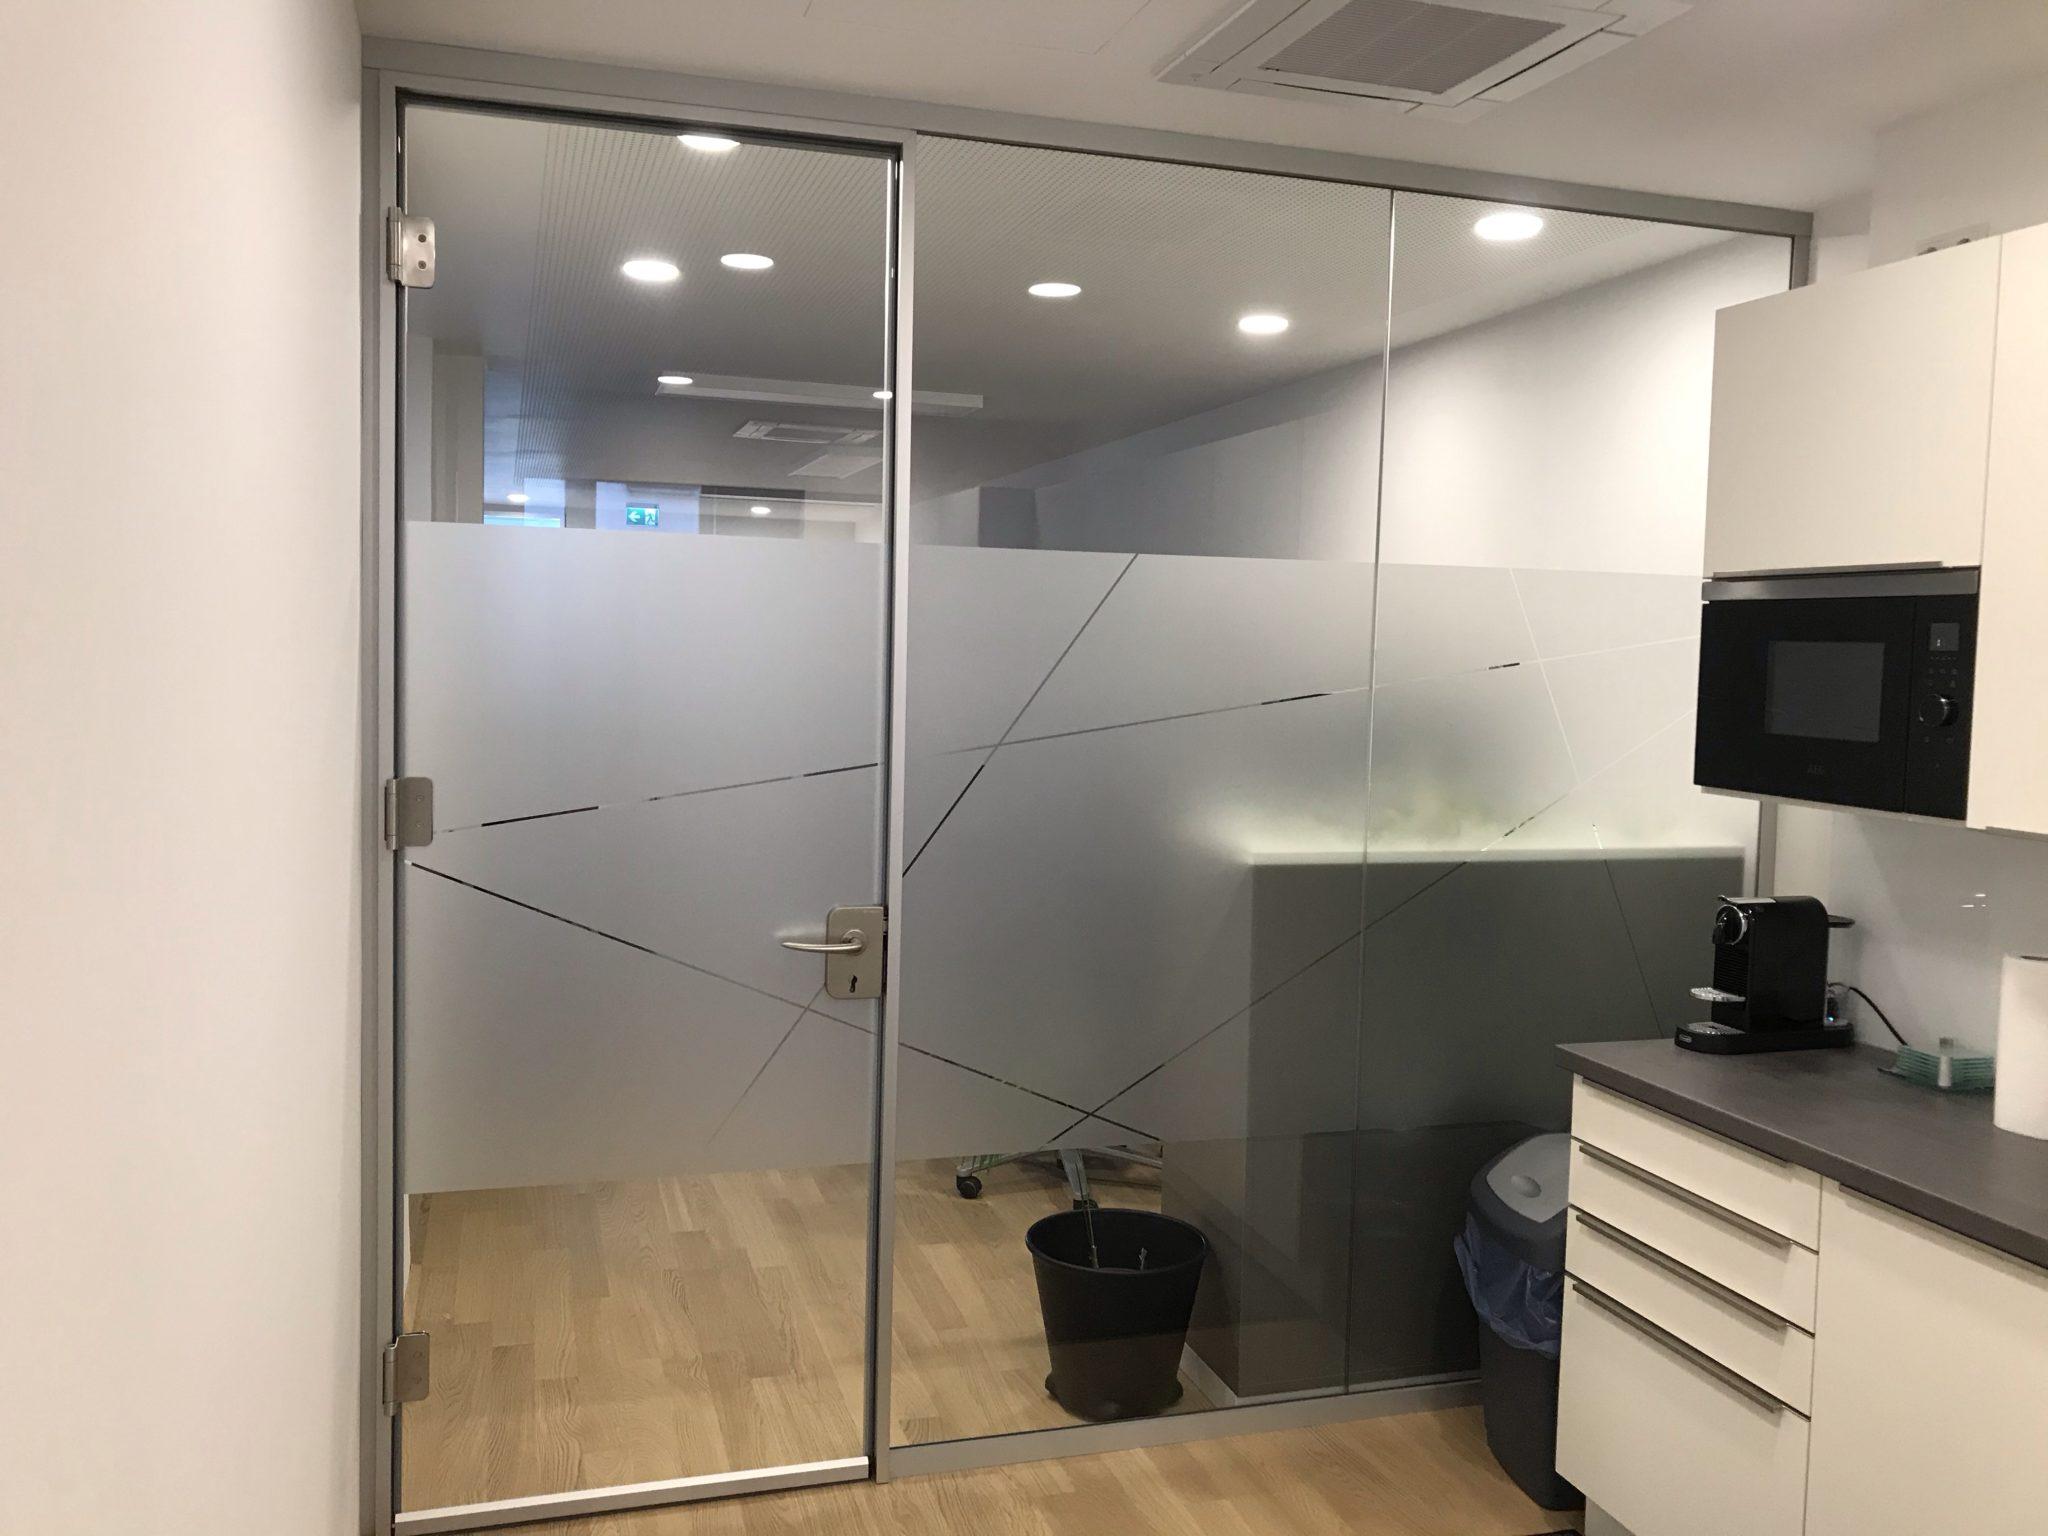 Sichtschutzfolie Küche